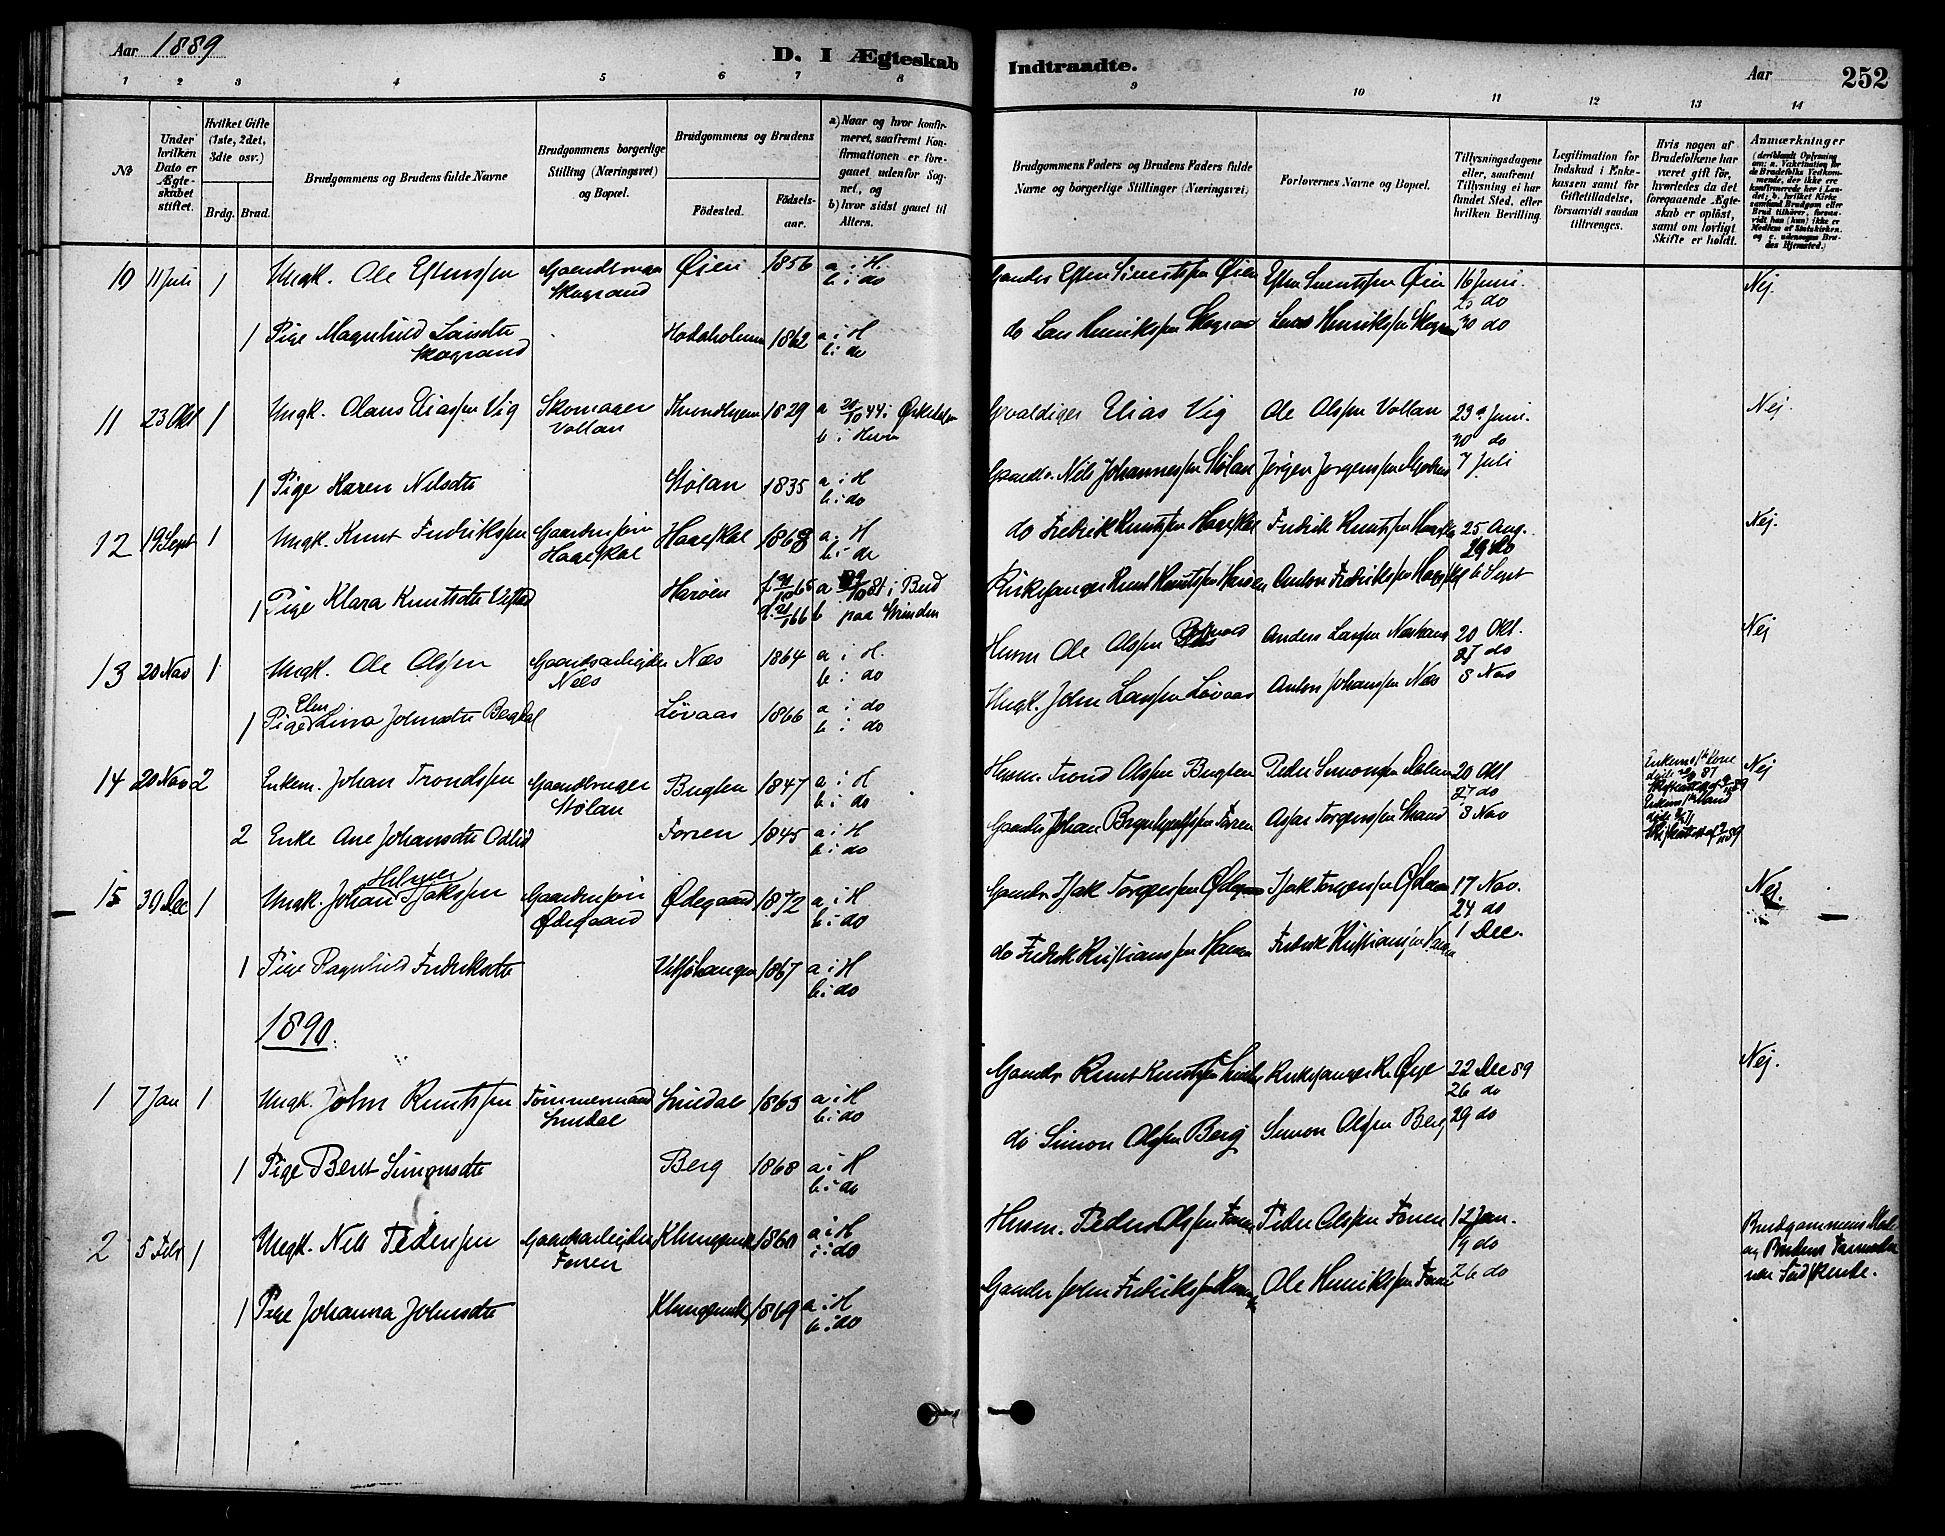 SAT, Ministerialprotokoller, klokkerbøker og fødselsregistre - Sør-Trøndelag, 630/L0496: Ministerialbok nr. 630A09, 1879-1895, s. 252